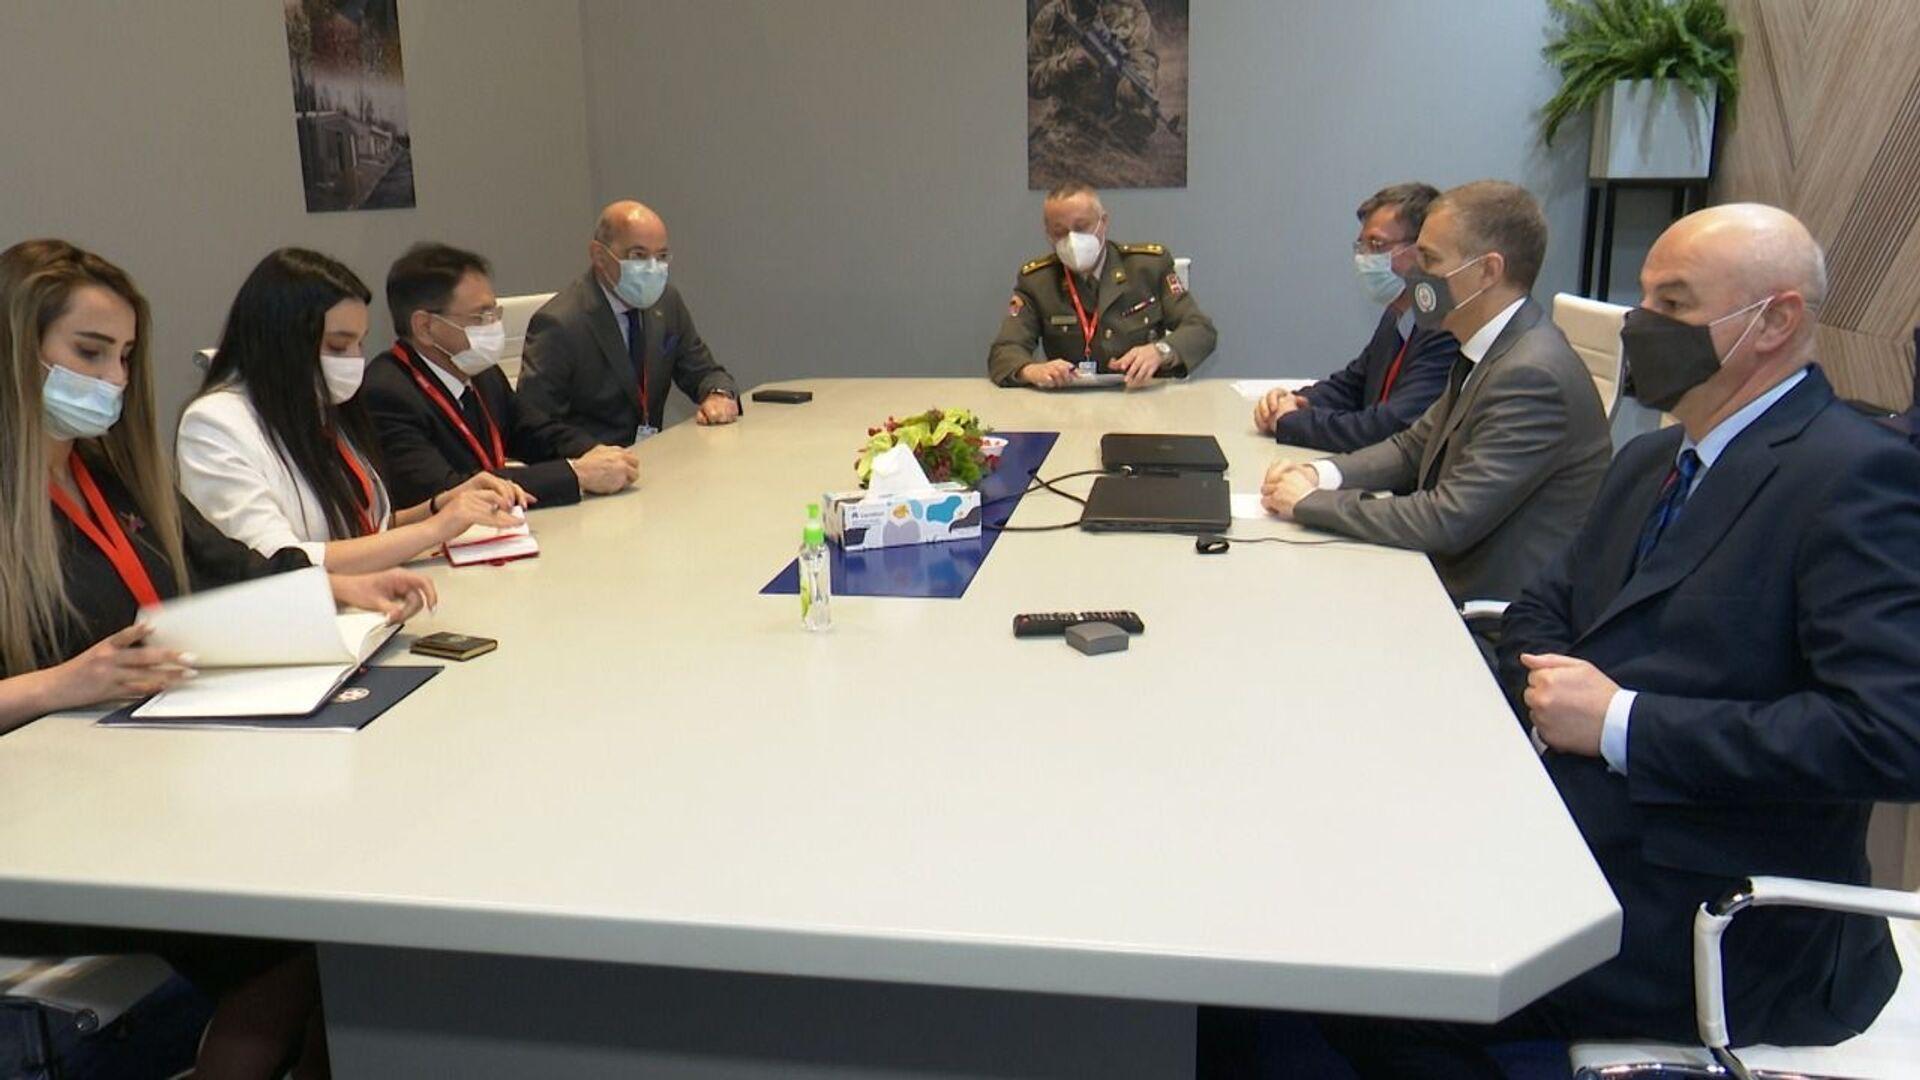 Министры Азербайджана и Сербии обсудили перспективы военно-технического сотрудничества - Sputnik Азербайджан, 1920, 22.02.2021